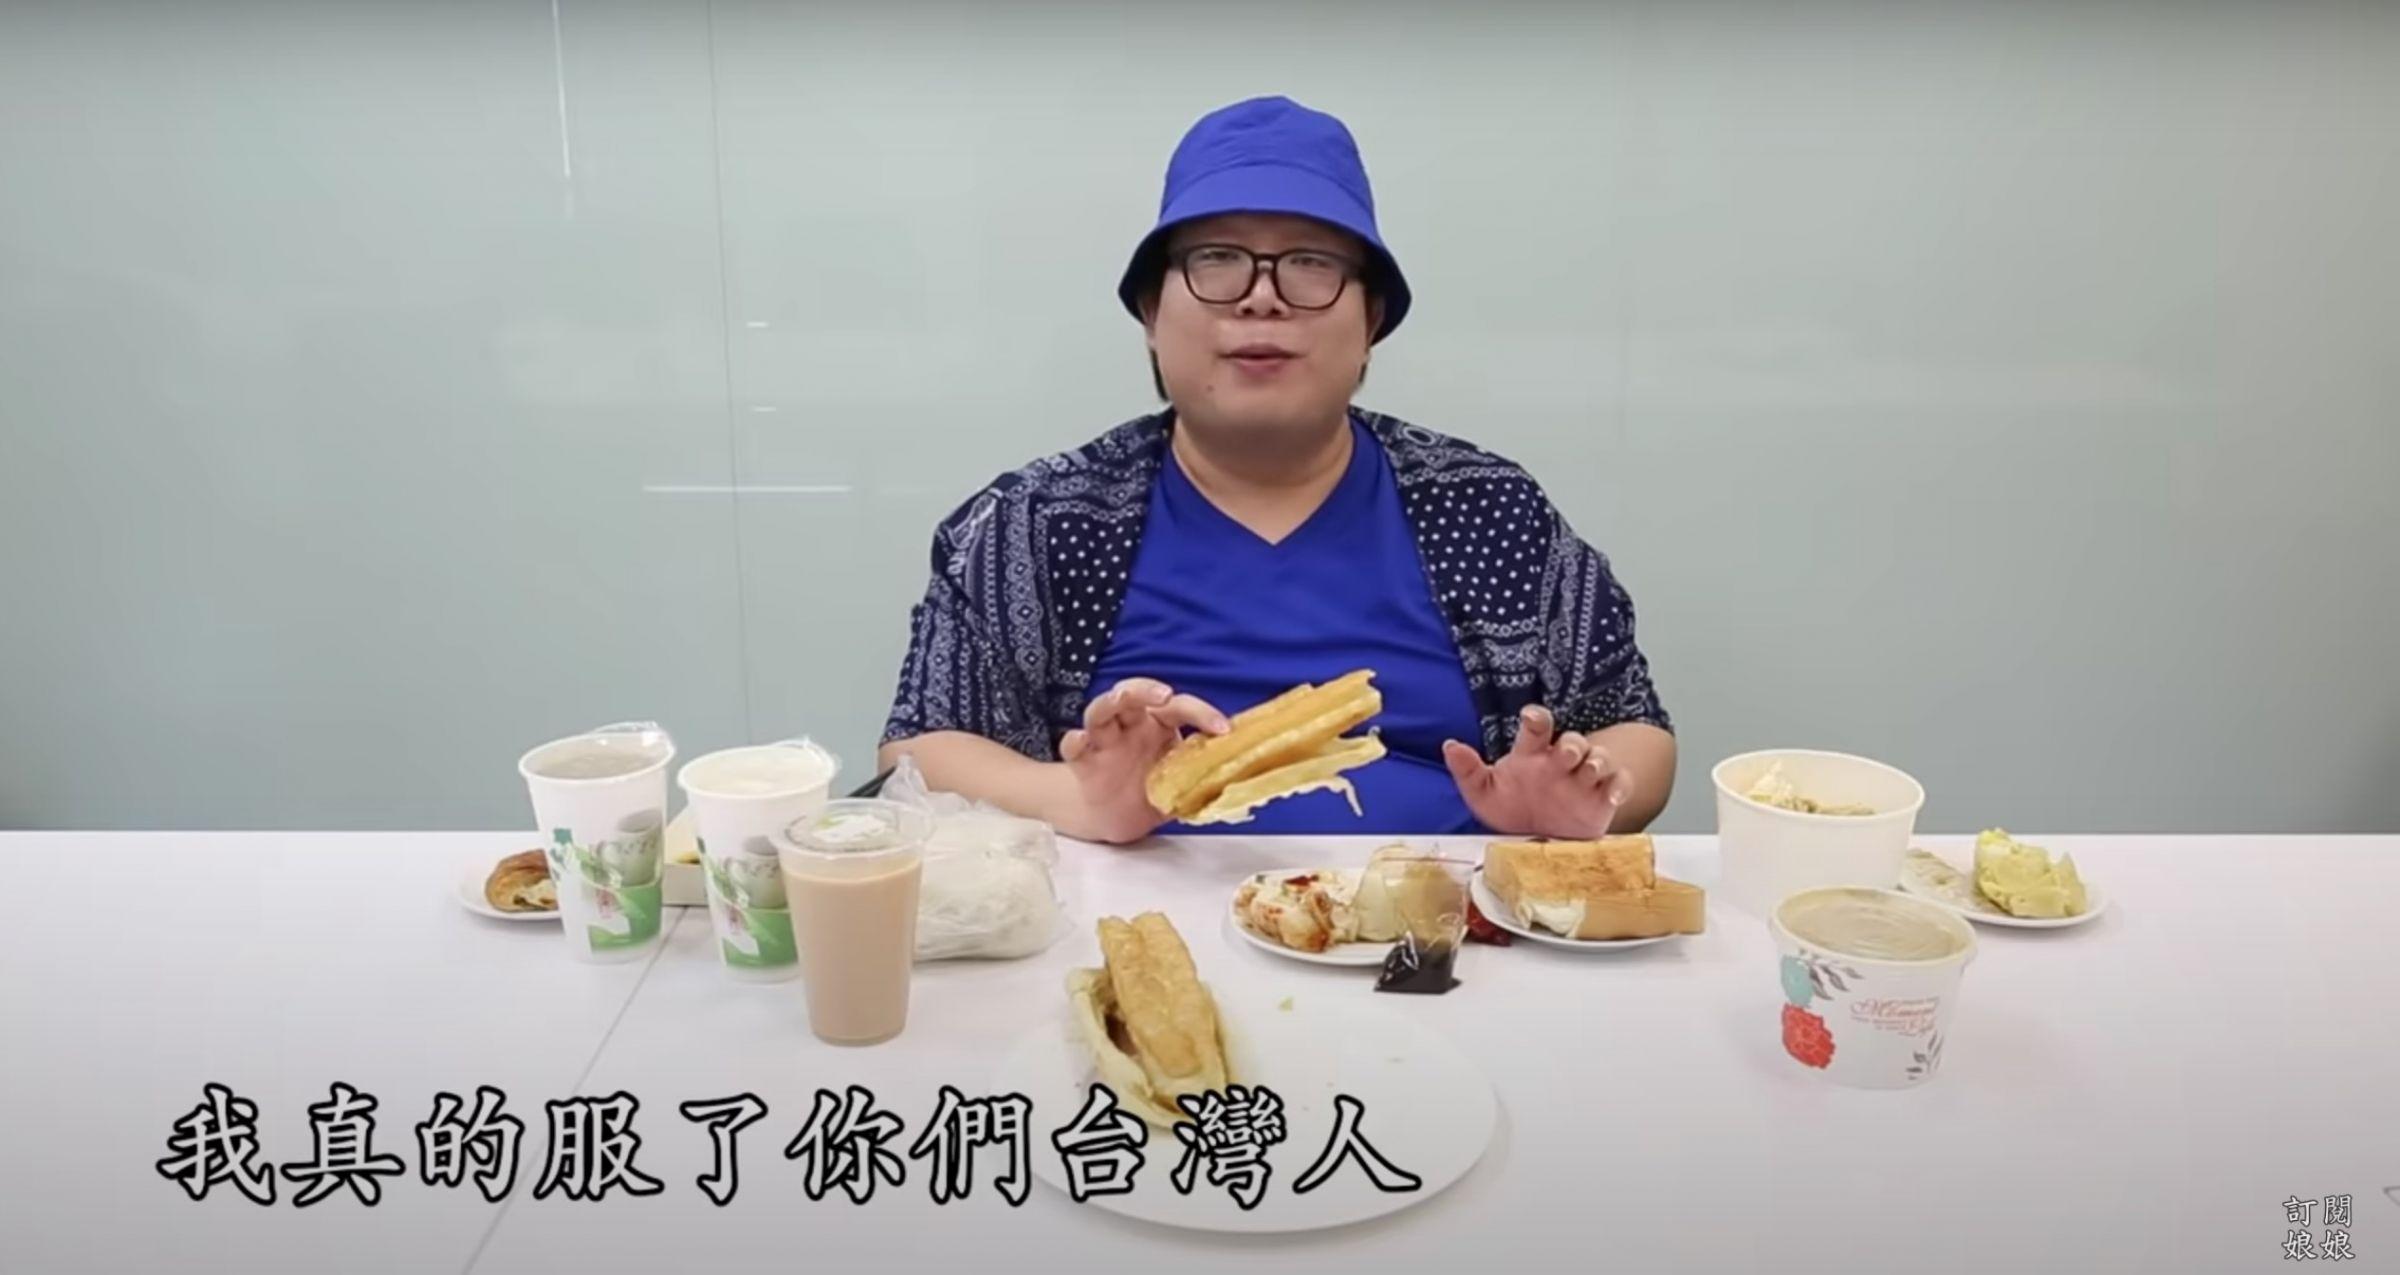 娘娘试吃台湾早餐「一脸嫌弃」!狠批「烧饼油条」:你们可以忍受它这么敷衍?插图4